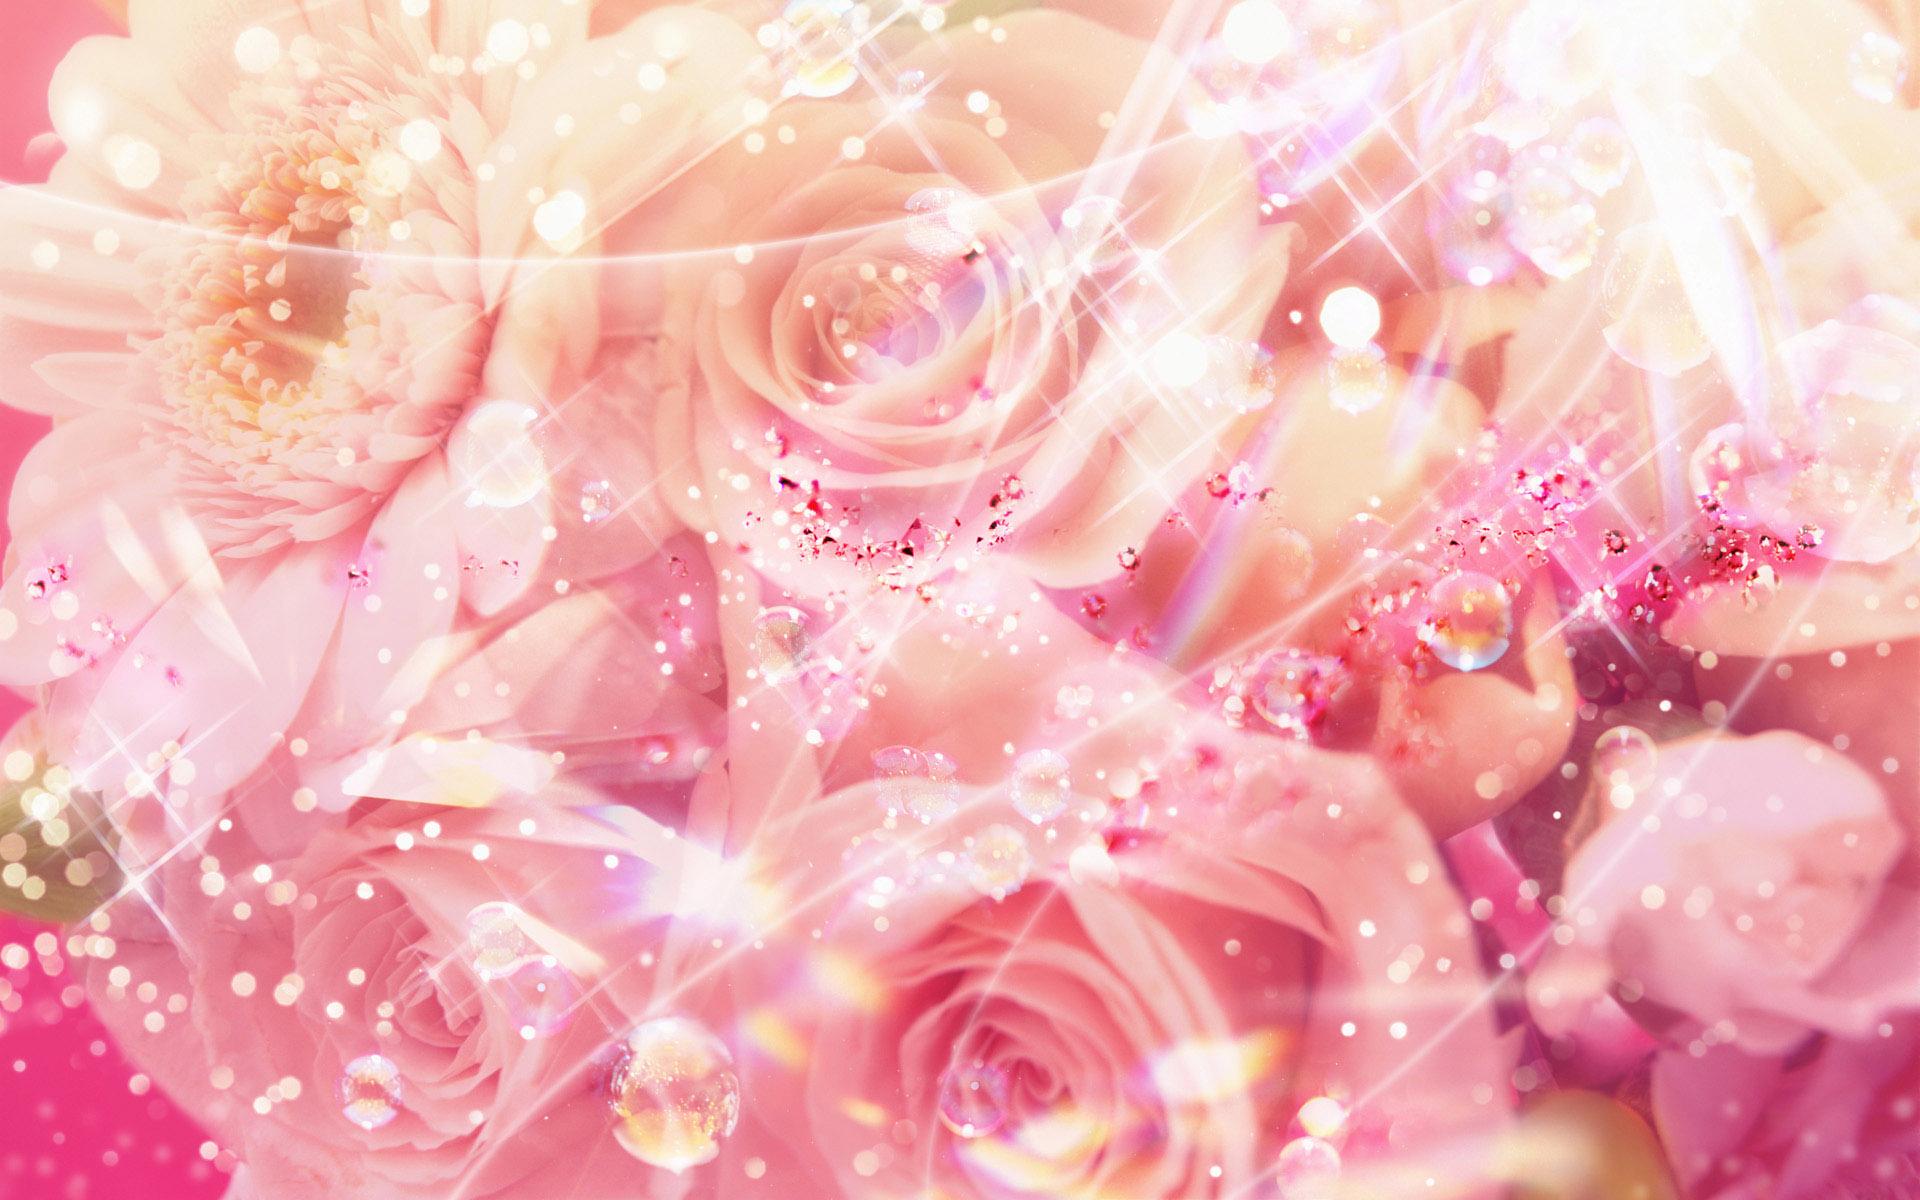 Desktop Flower Wallpaper 815 HD Wallpaper 3D Desktop Backgrounds 1920x1200